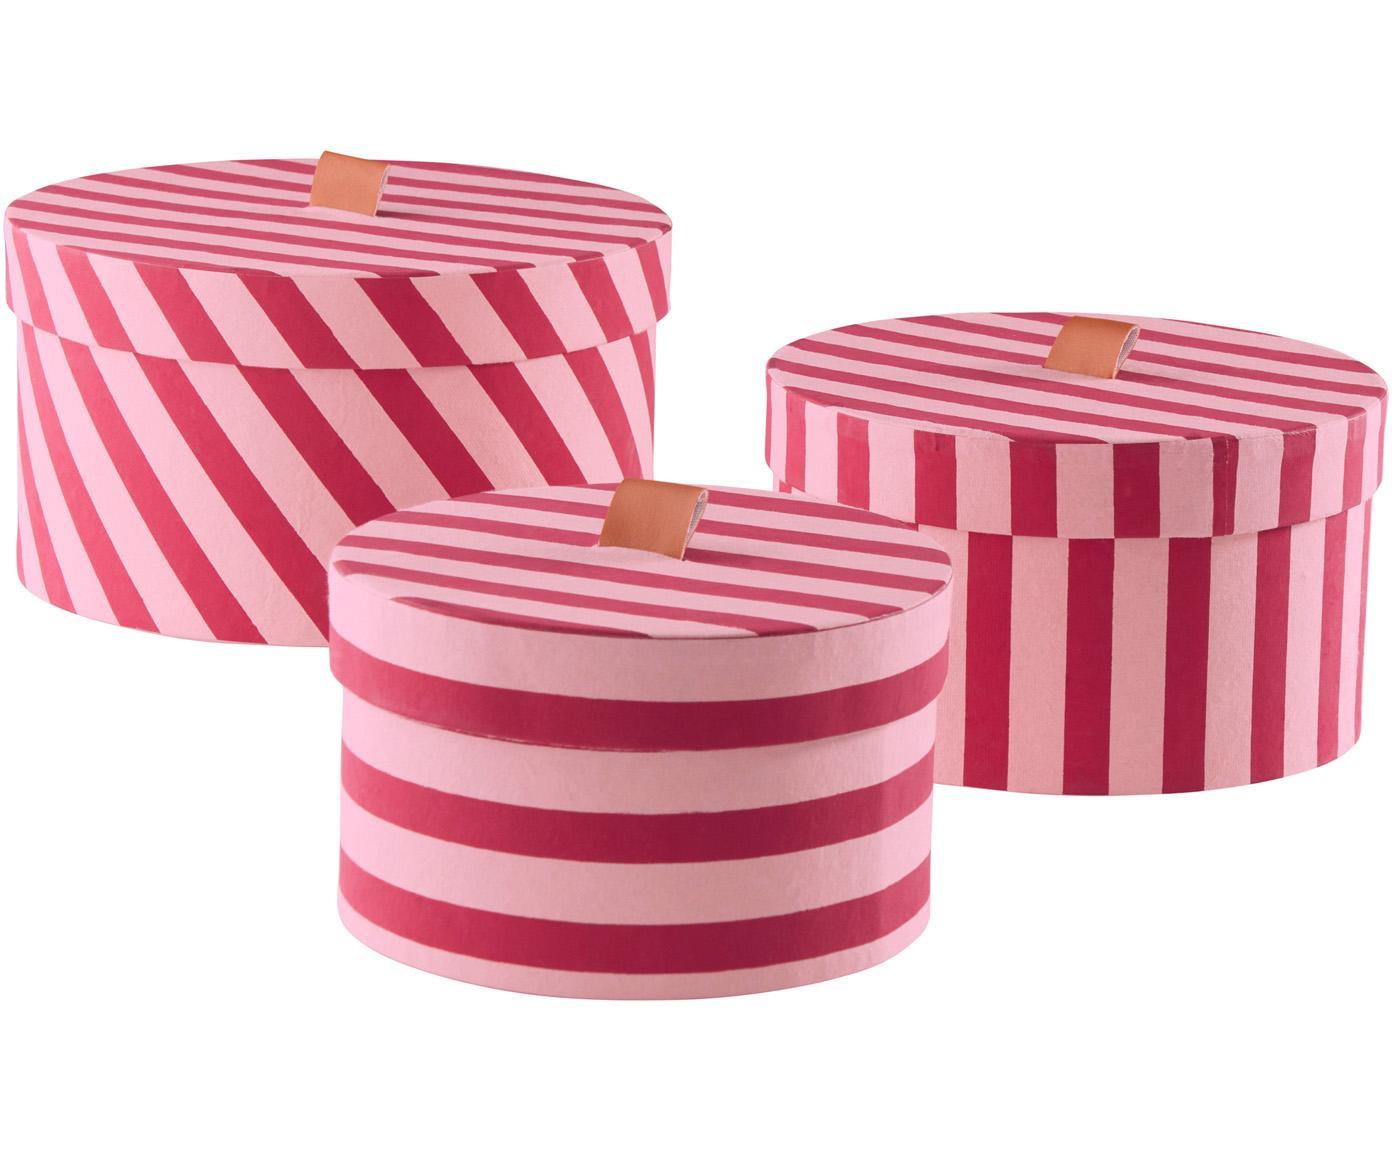 Set de cajas Dizzy, 3pzas., Plástico reciclado, Rosa, Tamaños diferentes